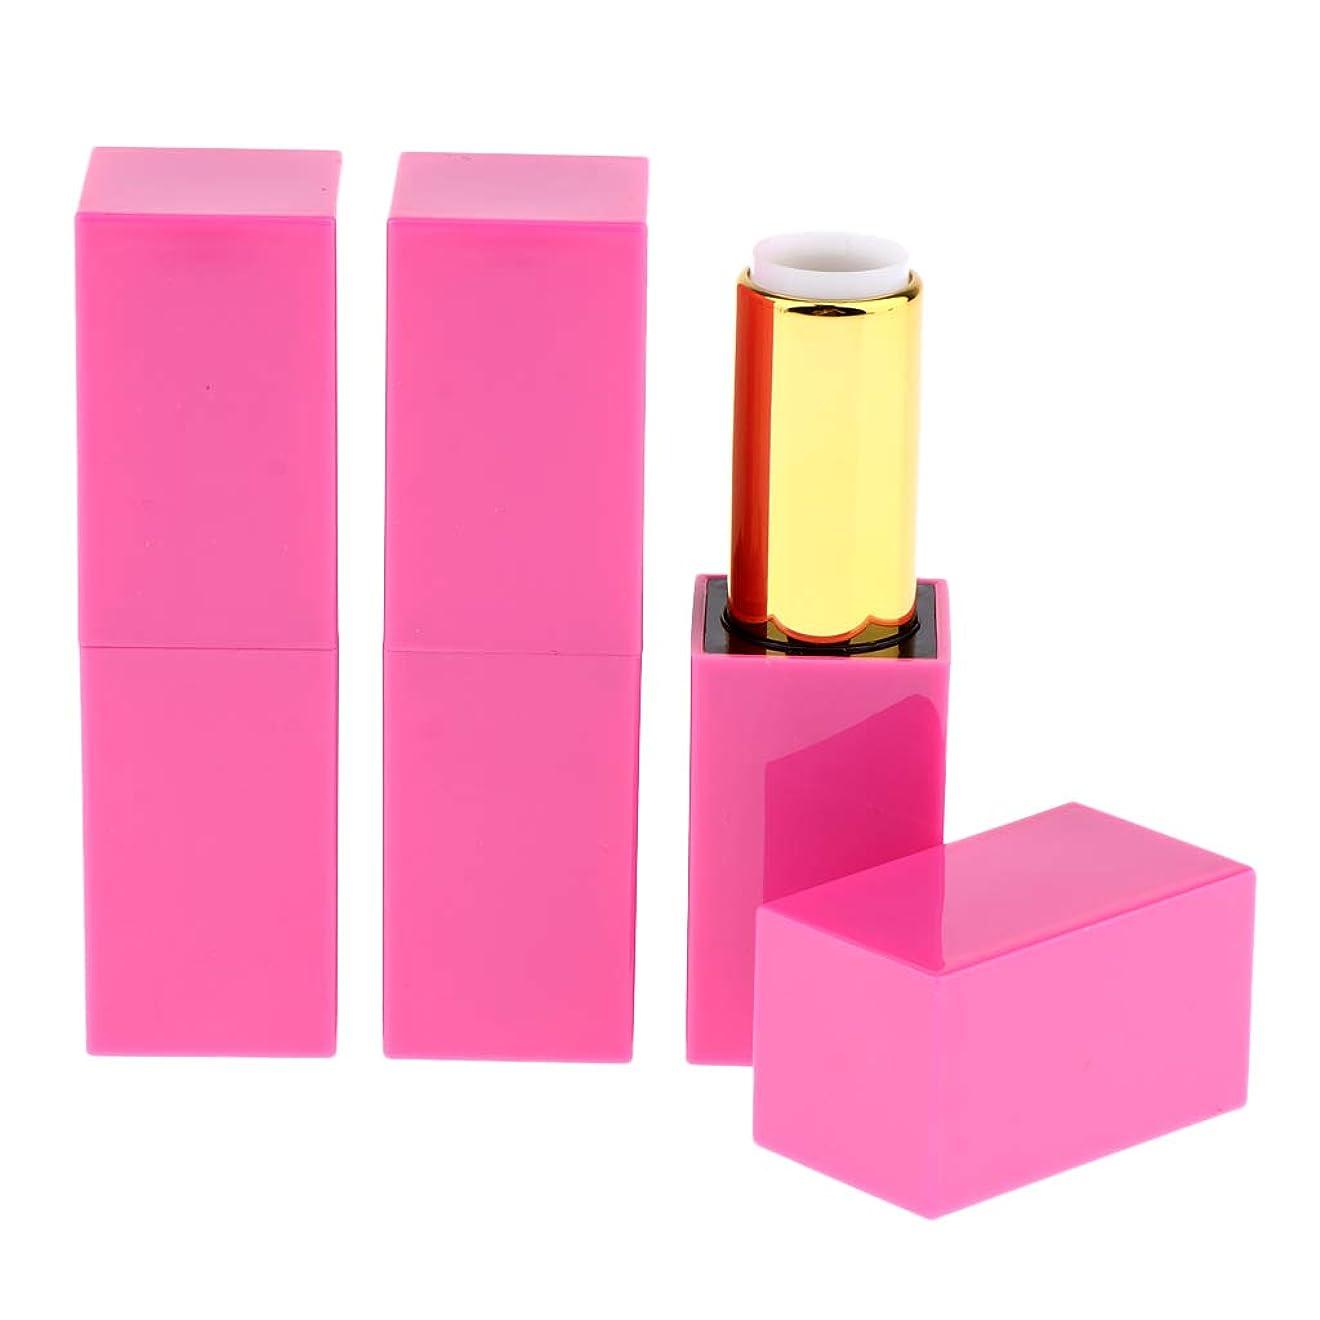 グレー強化調停するDYNWAVE リップグロスチューブ 3本リップクリームボトル 空ボトル 小分けボトル 化粧品詰め替えボトル手作り化粧品